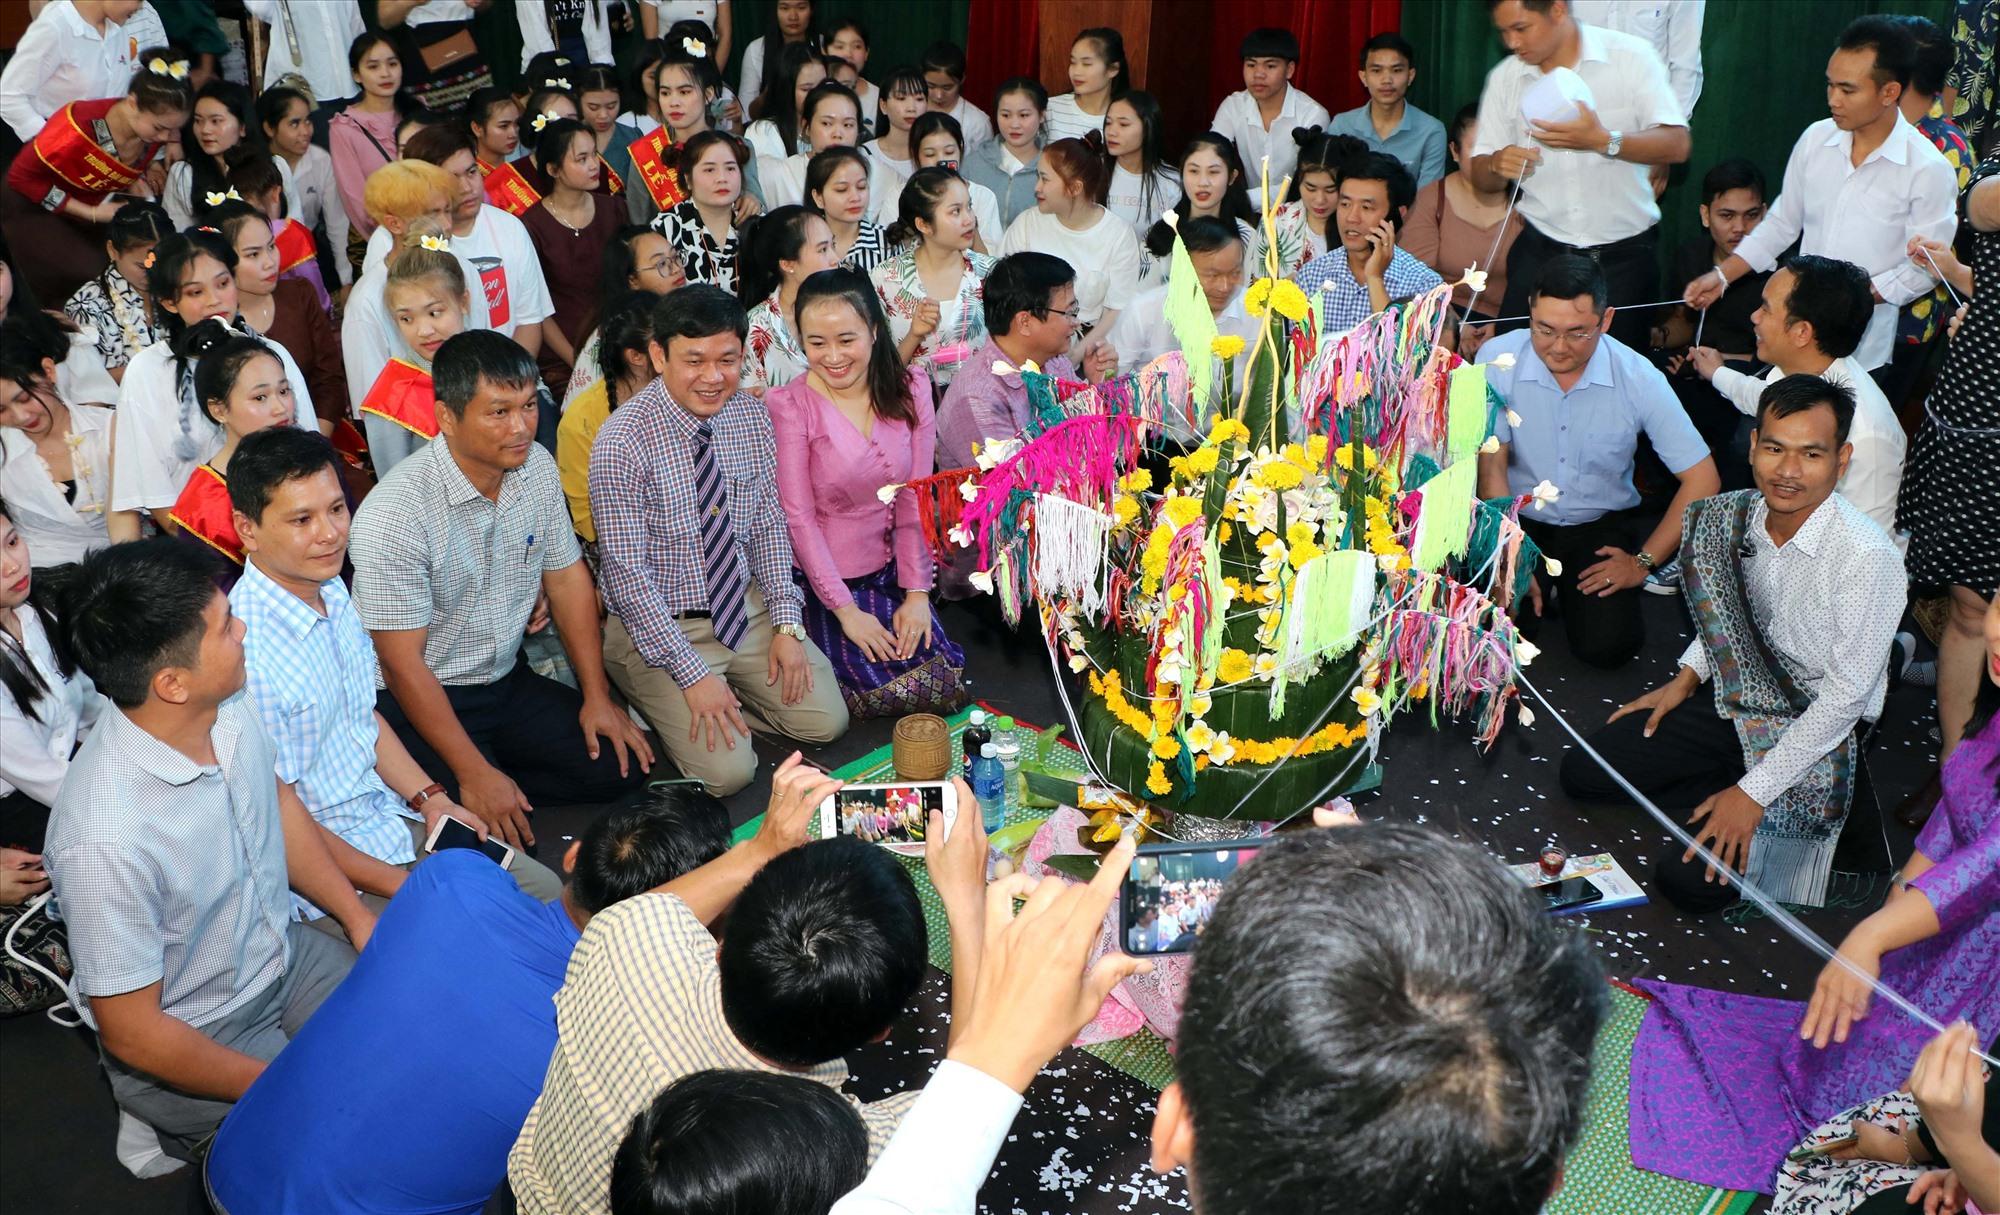 Các đại biểu tham gia nghi lễ mừng năm mới cùng với lưu học sinh Lào. Ảnh: CHÂU HÙNG.